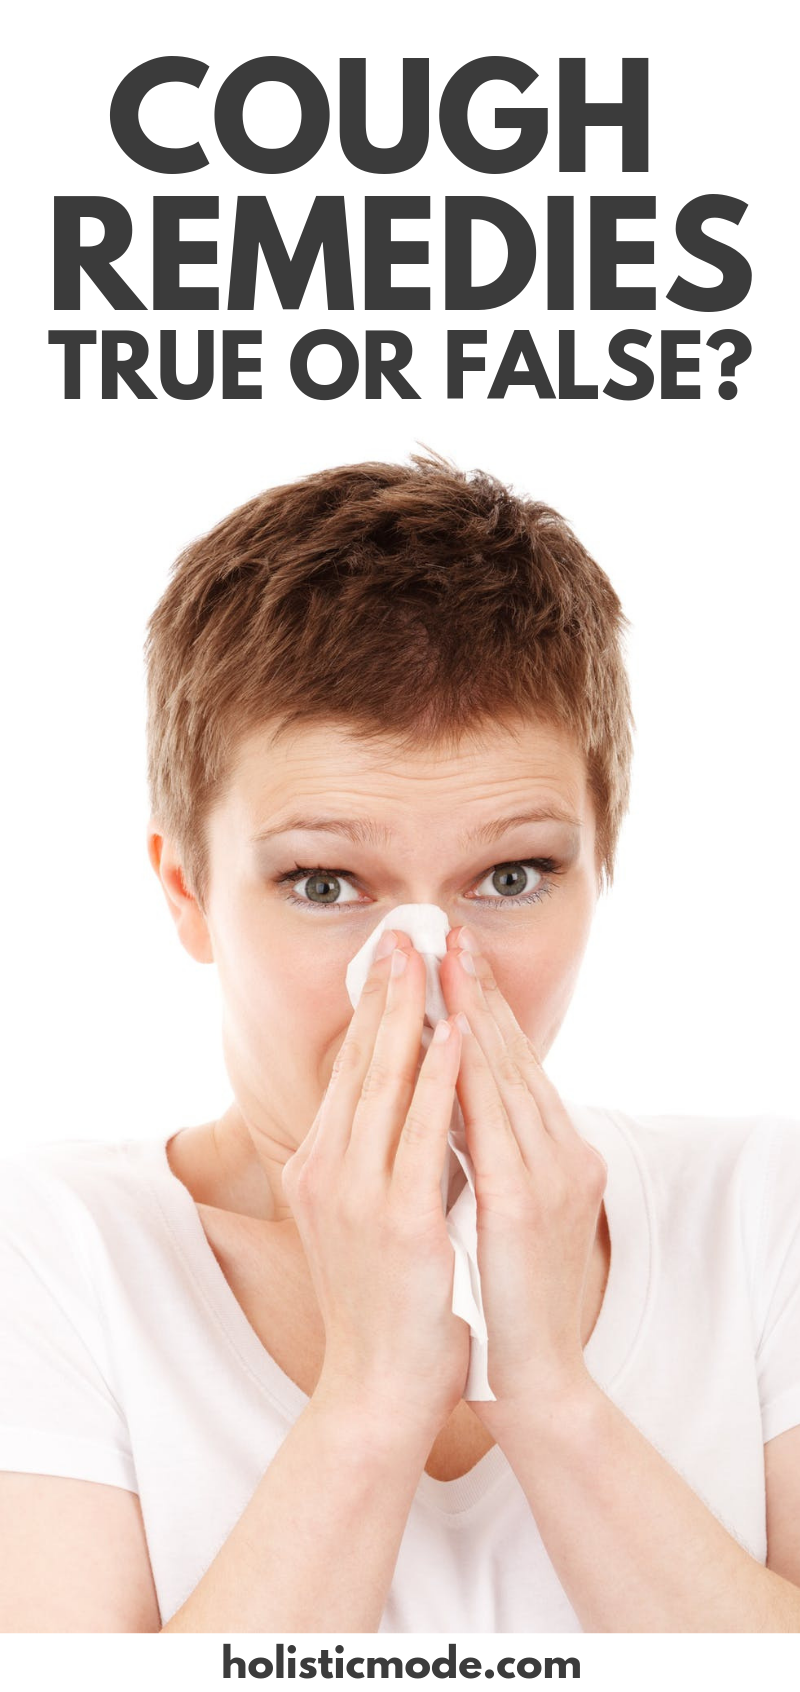 Cough Remedies True or False? Dry cough remedies, Cough